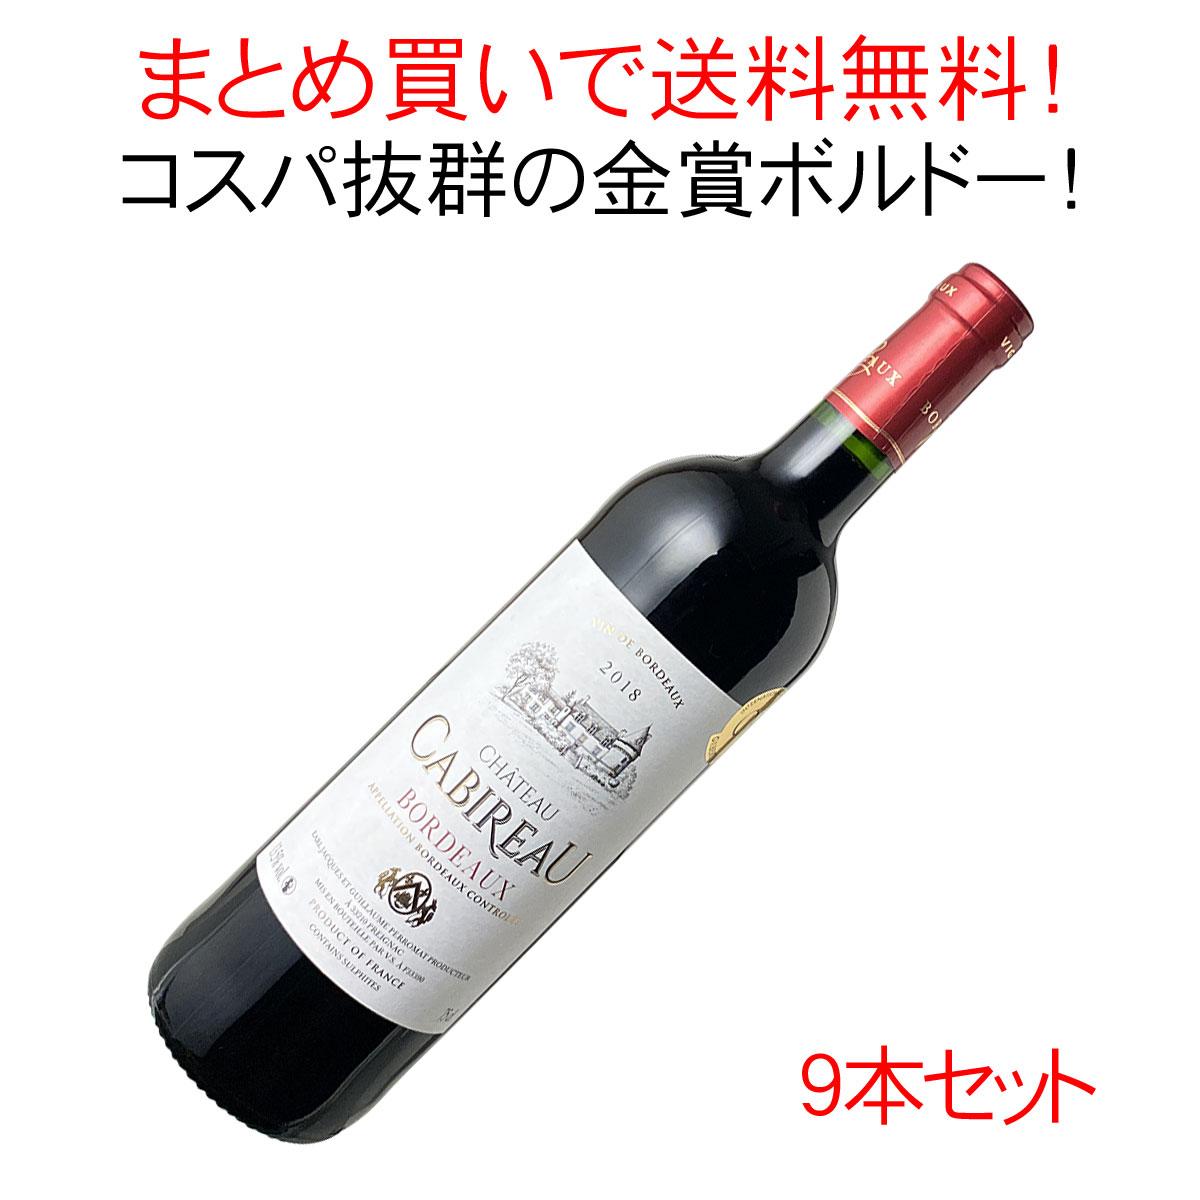 【送料無料】シャトー・カビロー [2018] 1ケース9本セット <ワイン/ボルドー>